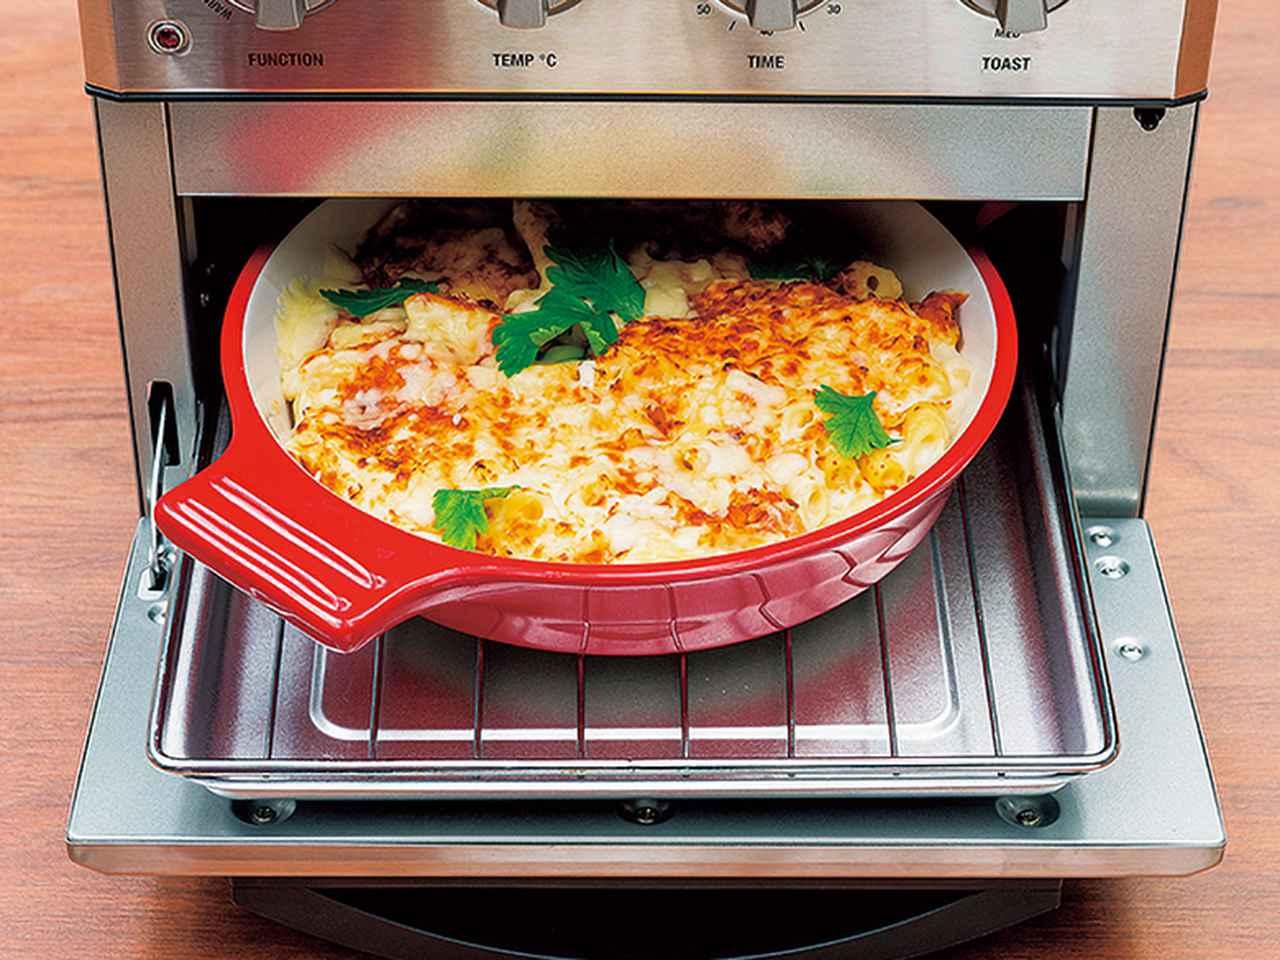 画像2: 【クイジナートのオーブントースター】ヘルシー&効率的な熱風調理を可能にした「TOA-28J」